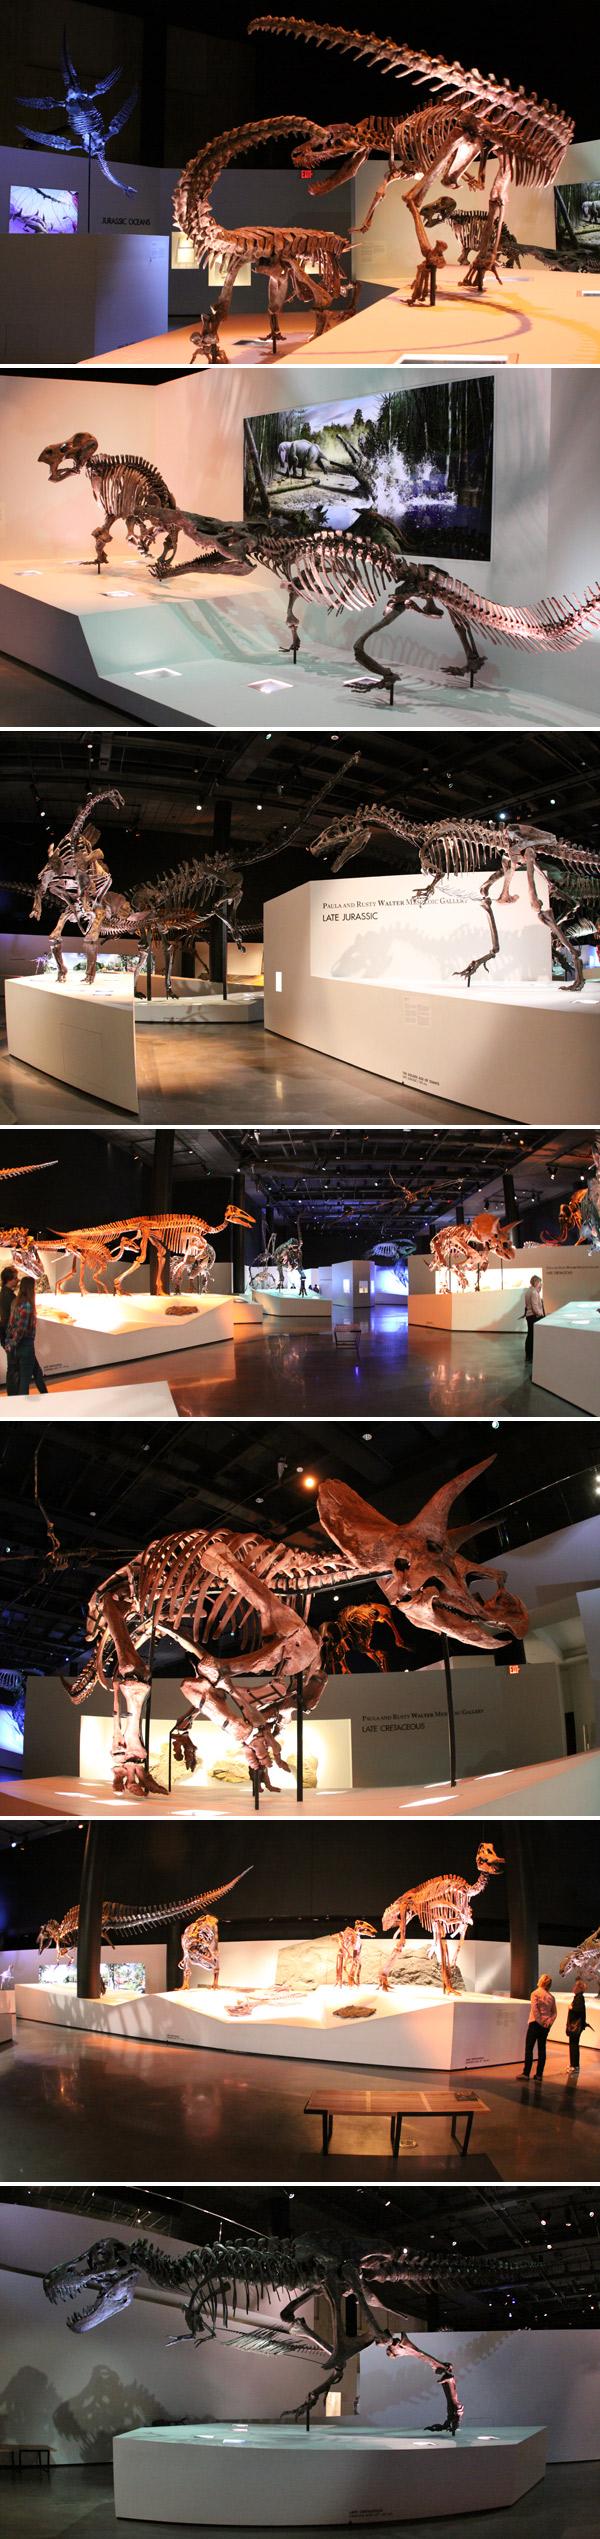 Fósseis de dinossauros do final do período Jurássico no Houston Museum of Natural Science